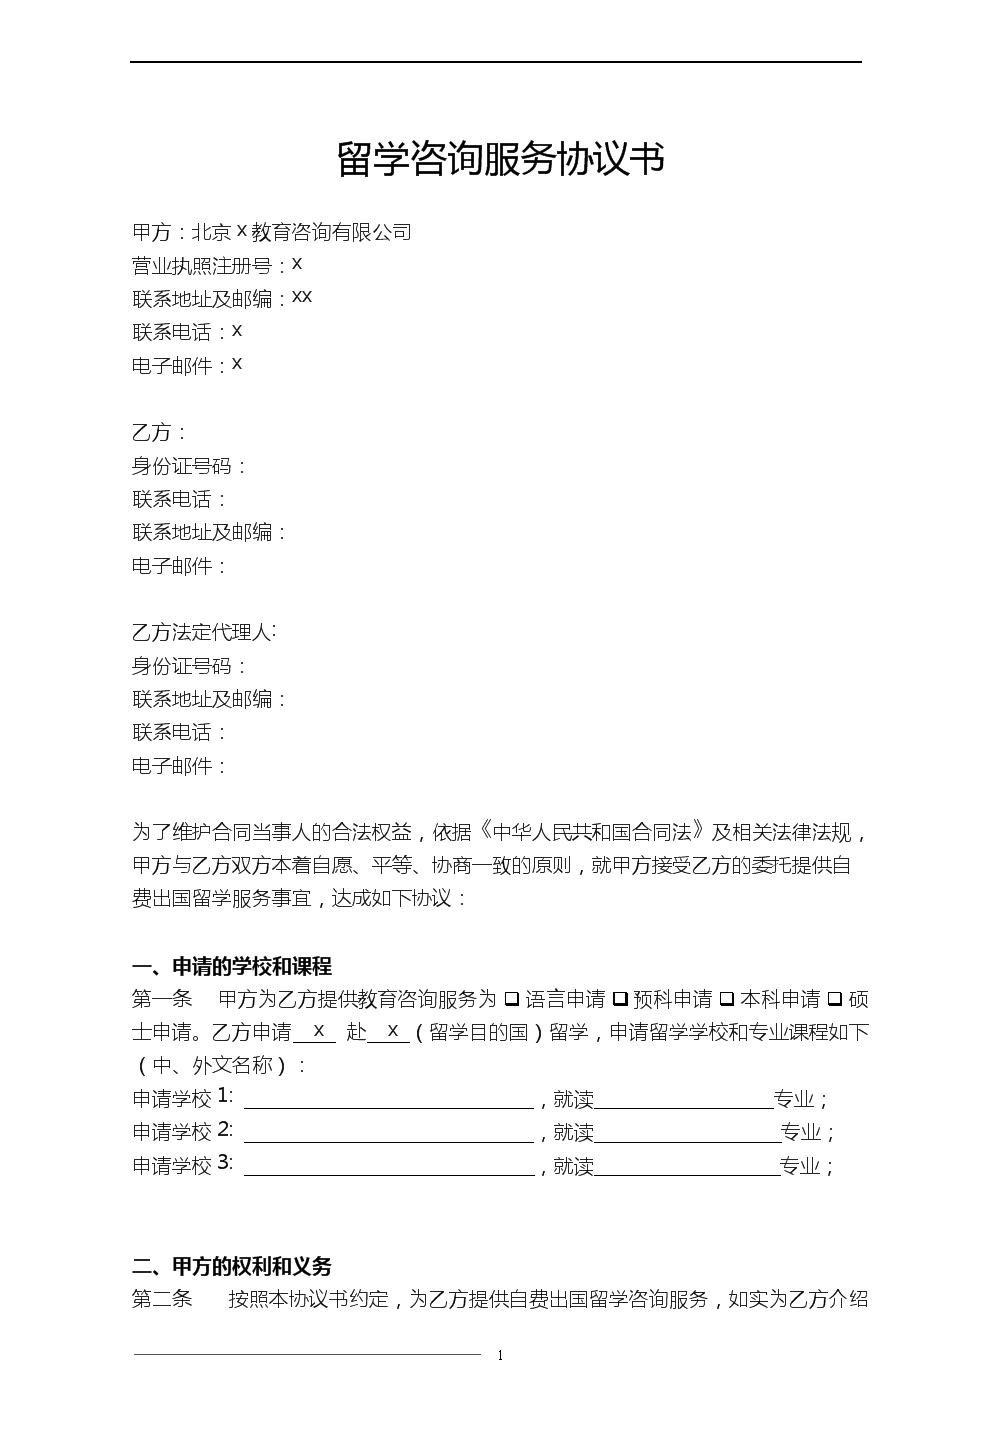 直录留学咨询服务协议书.docx